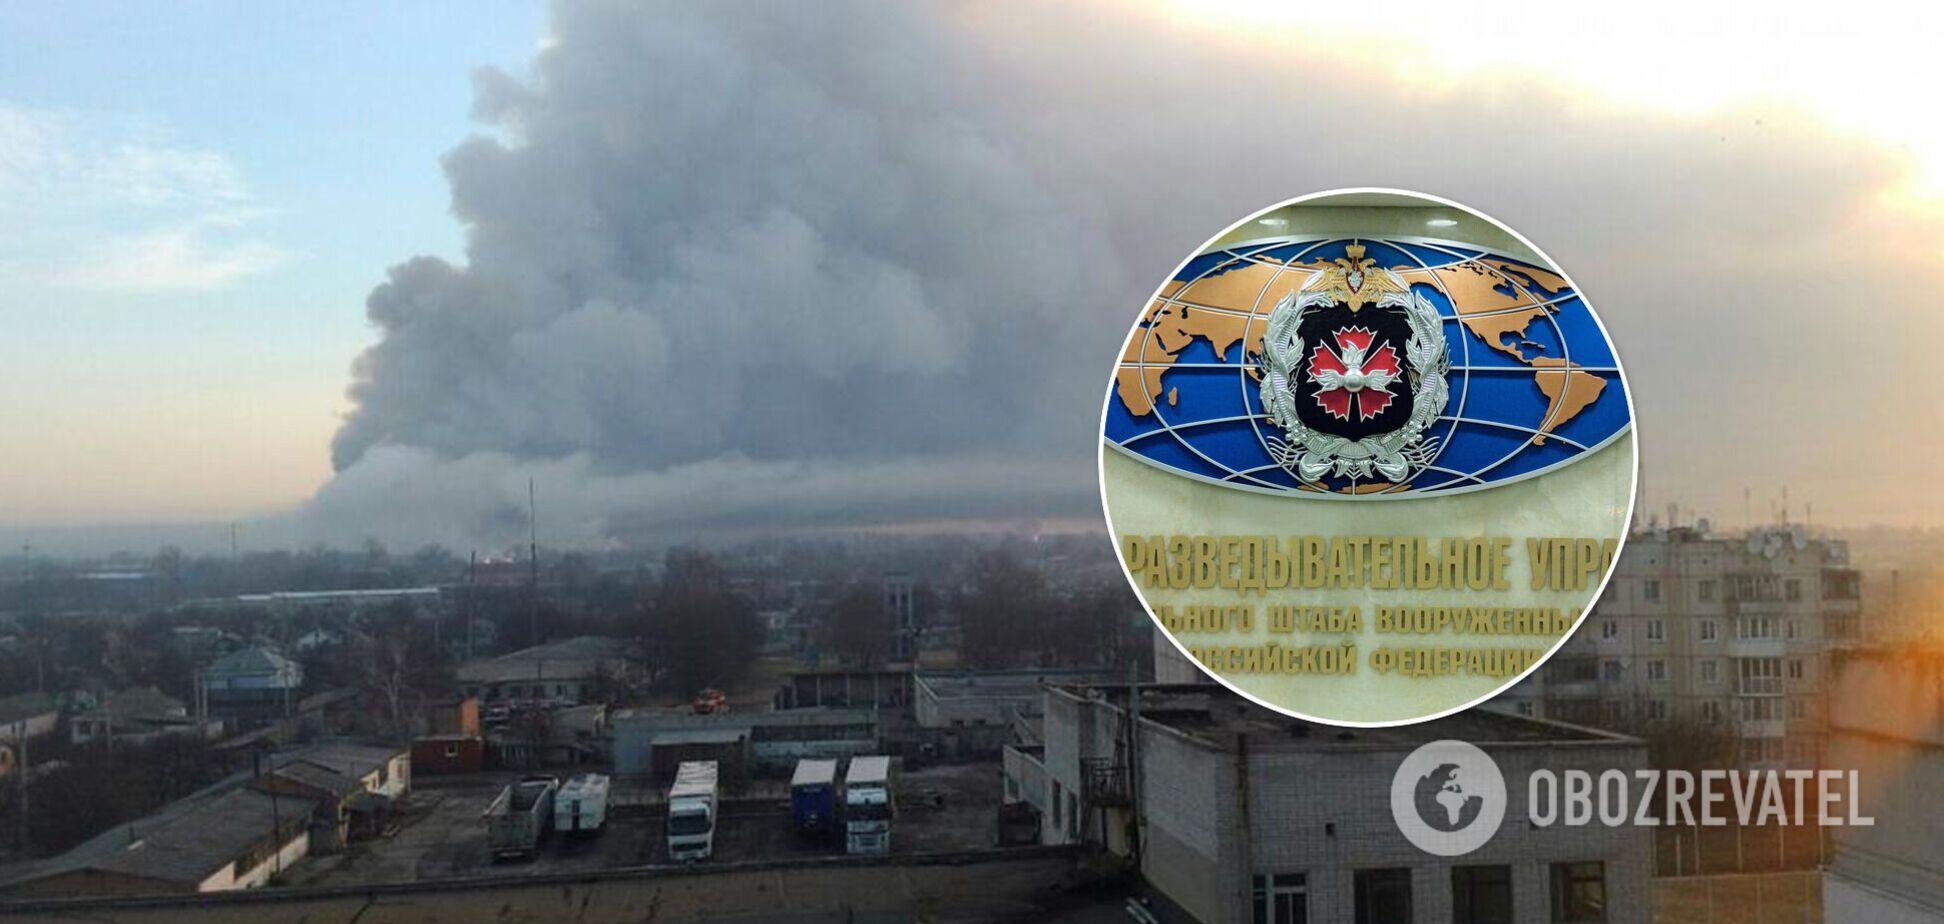 Взрывы на складах боеприпасов в Украине могли устроить спецслужбы РФ – Bellingcat